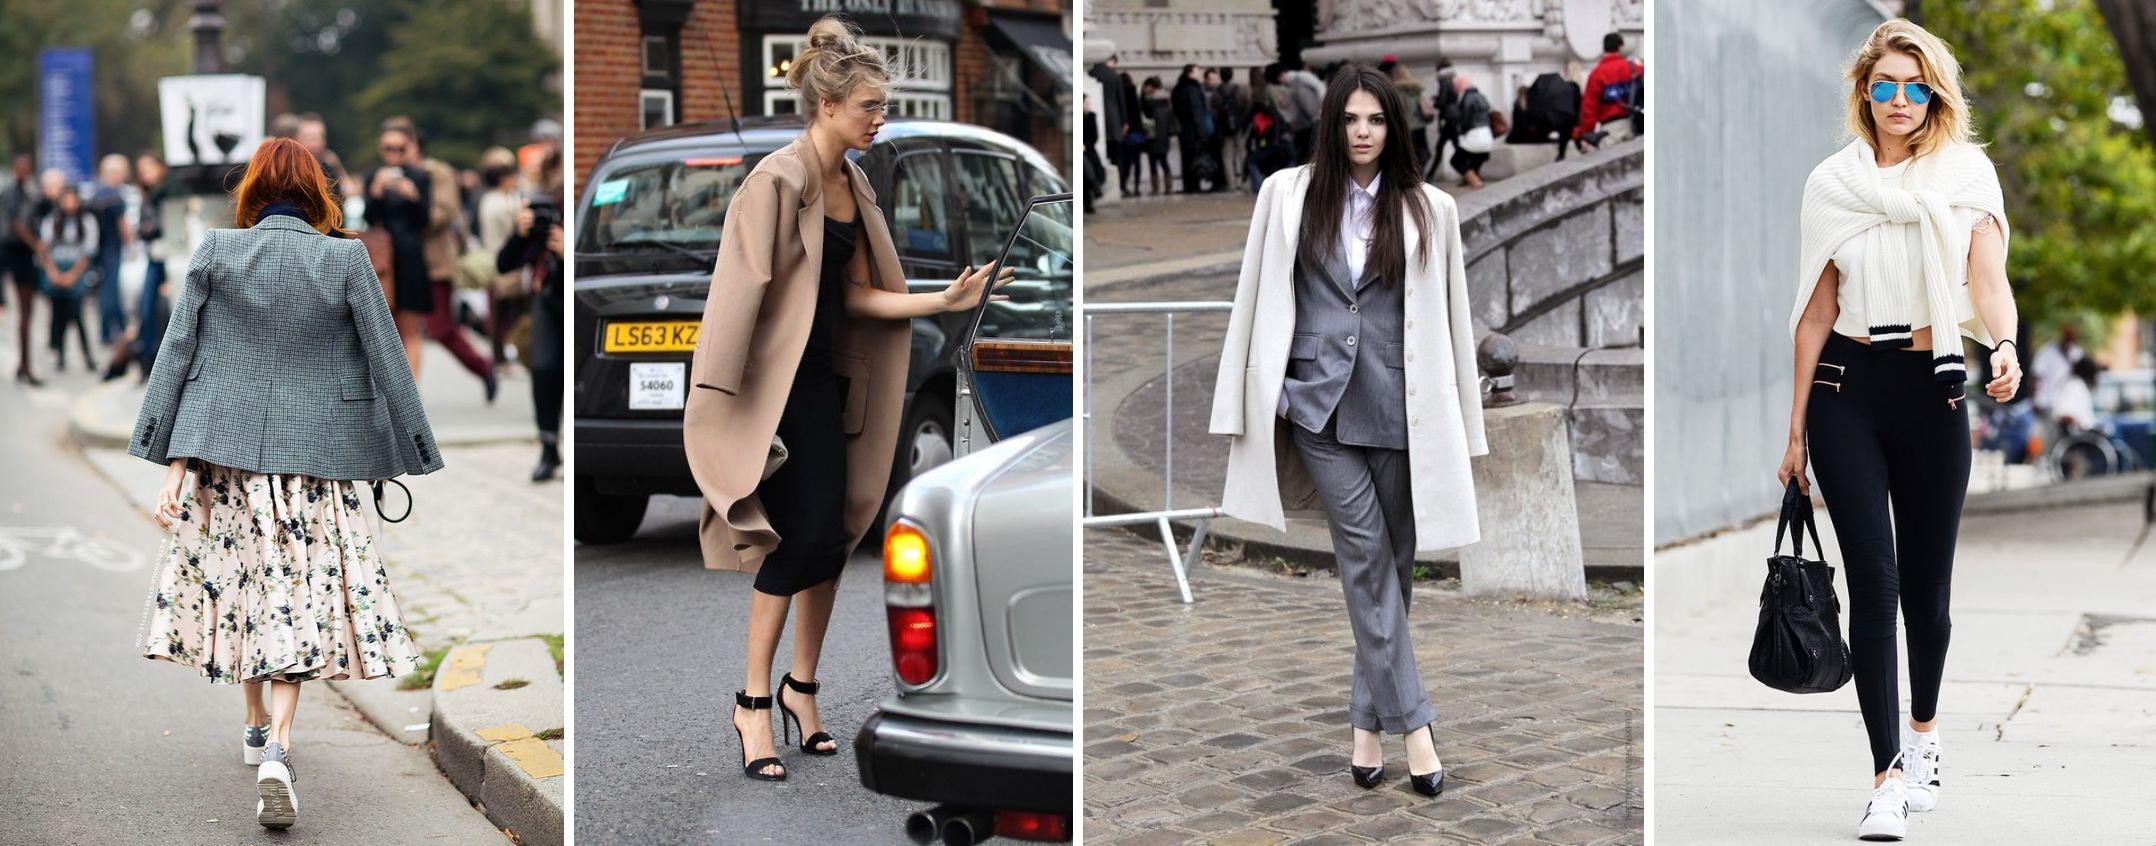 dicas de estilo no inverno casaco nos ombros